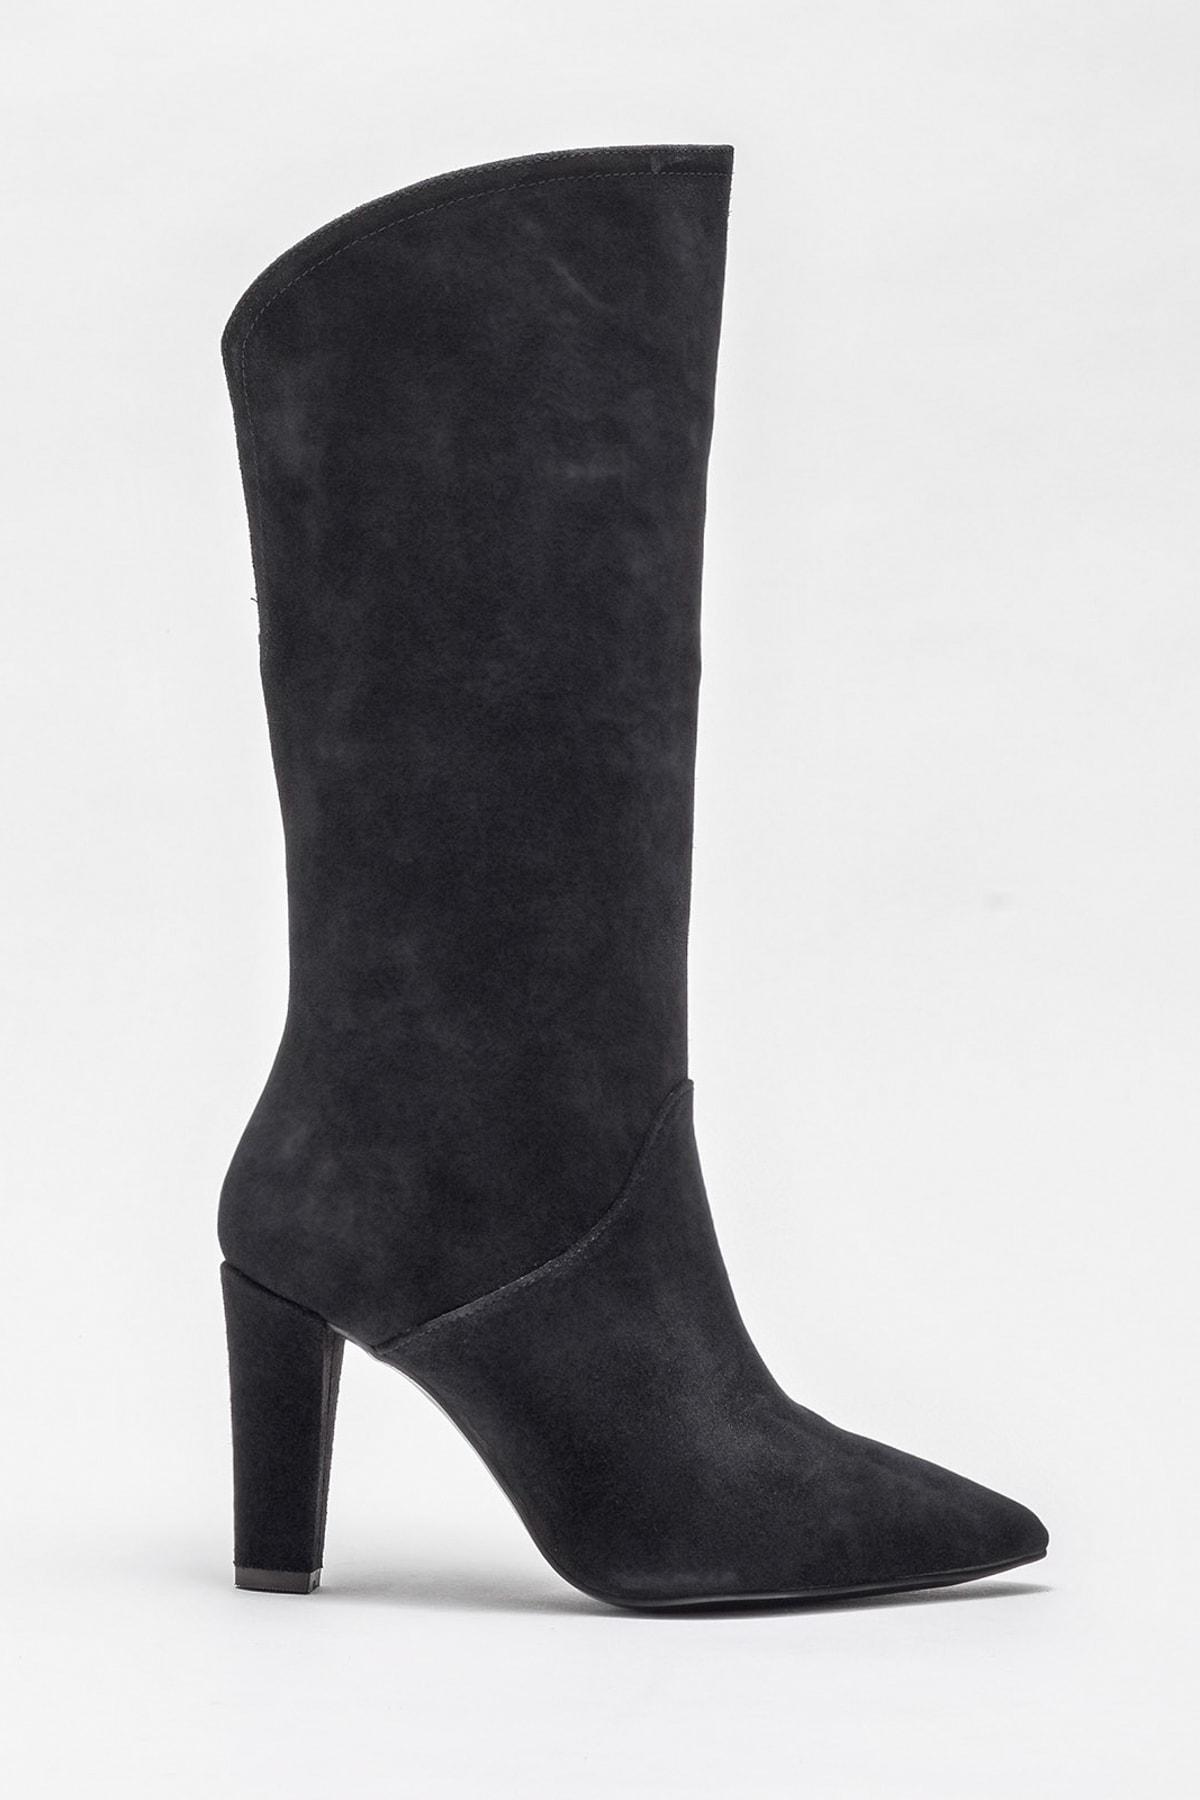 Elle Shoes Kadın Jorayn Sıyah Çizme 20KDS55212 1